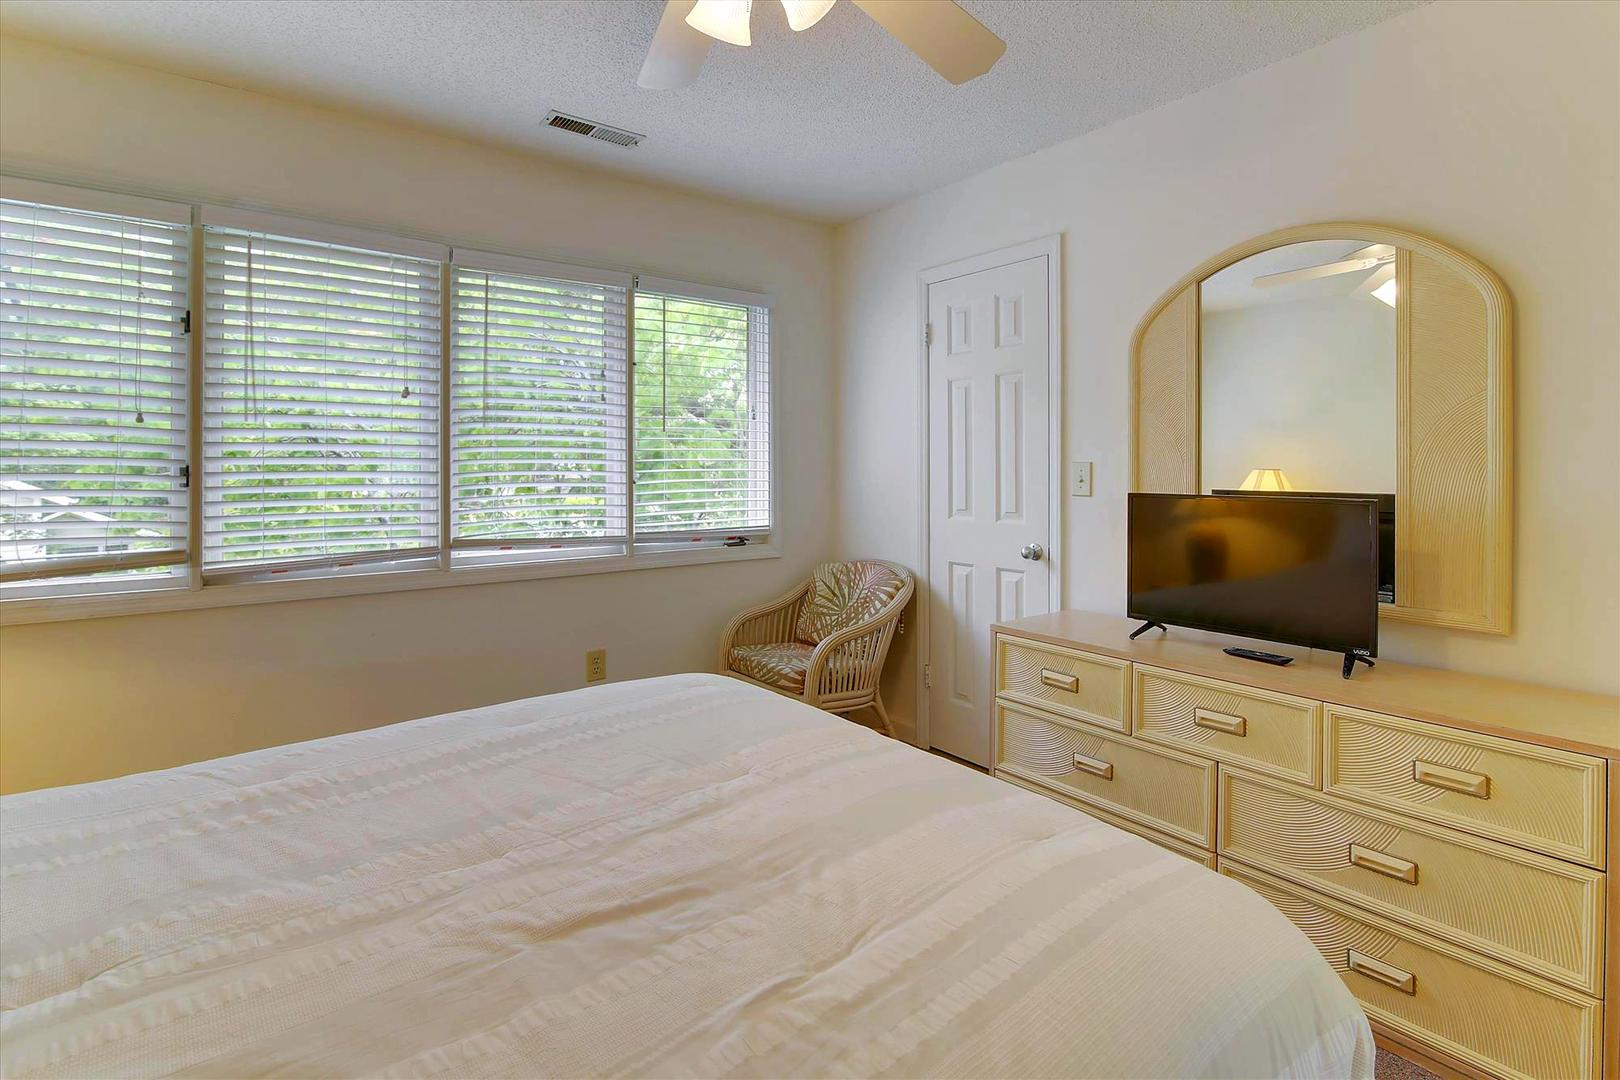 Ocean Creek G2707 - Bedroom 2